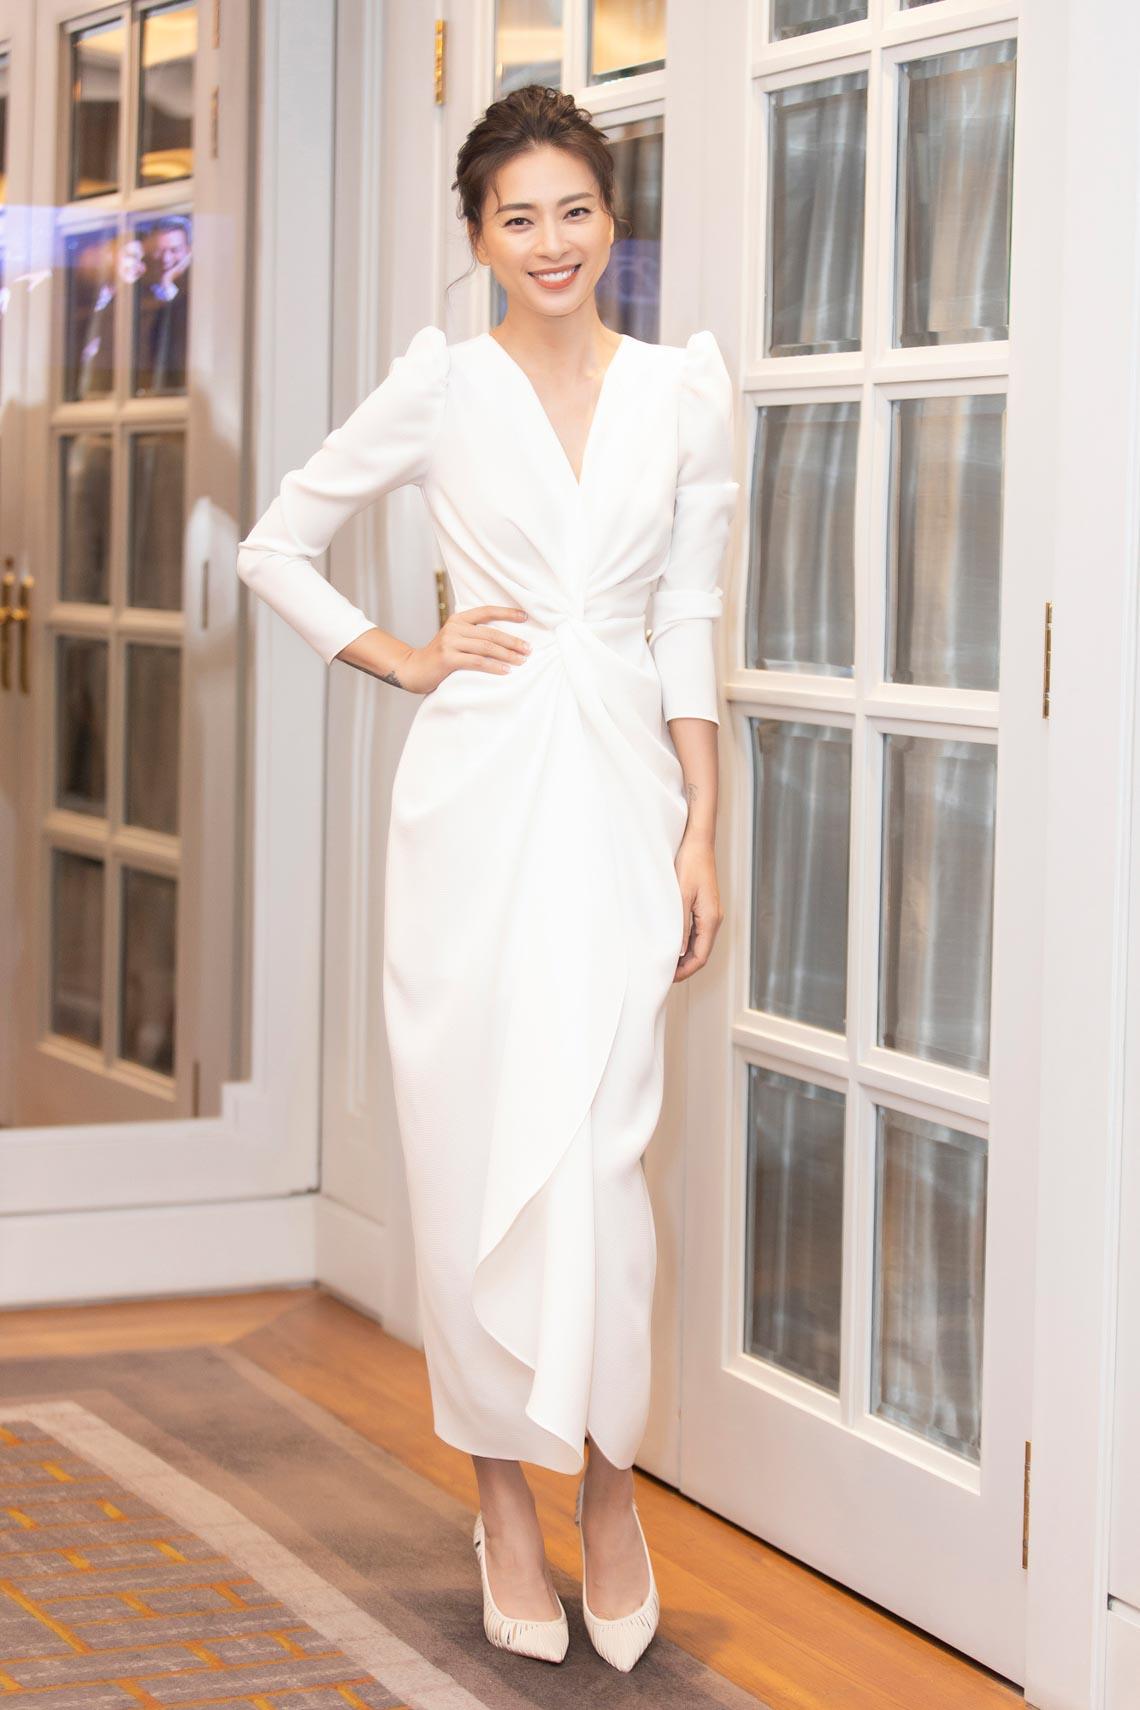 Dàn mỹ nhân diện trang phục trắng tinh khôi của NTK Đỗ Mạnh Cường - 6